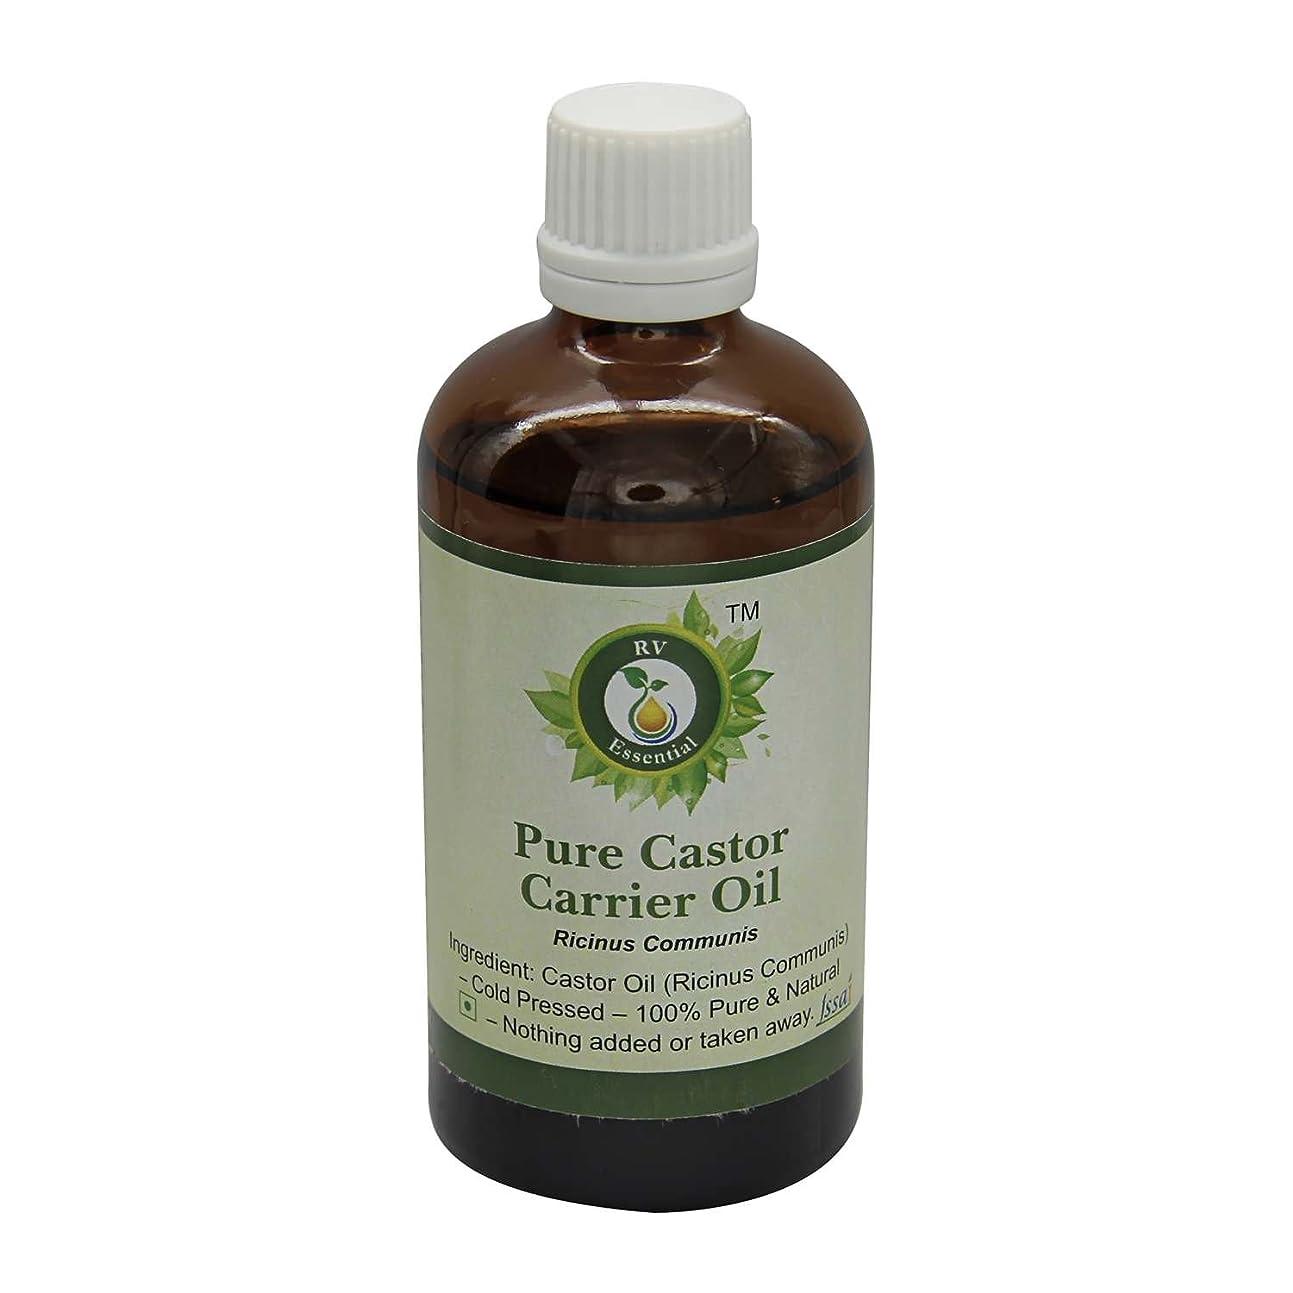 惨めな選挙眠るR V Essential 純粋なキャスターキャリアオイル30ml (1.01oz)- Ricinus Communis (100%ピュア&ナチュラルコールドPressed) Pure Castor Carrier Oil